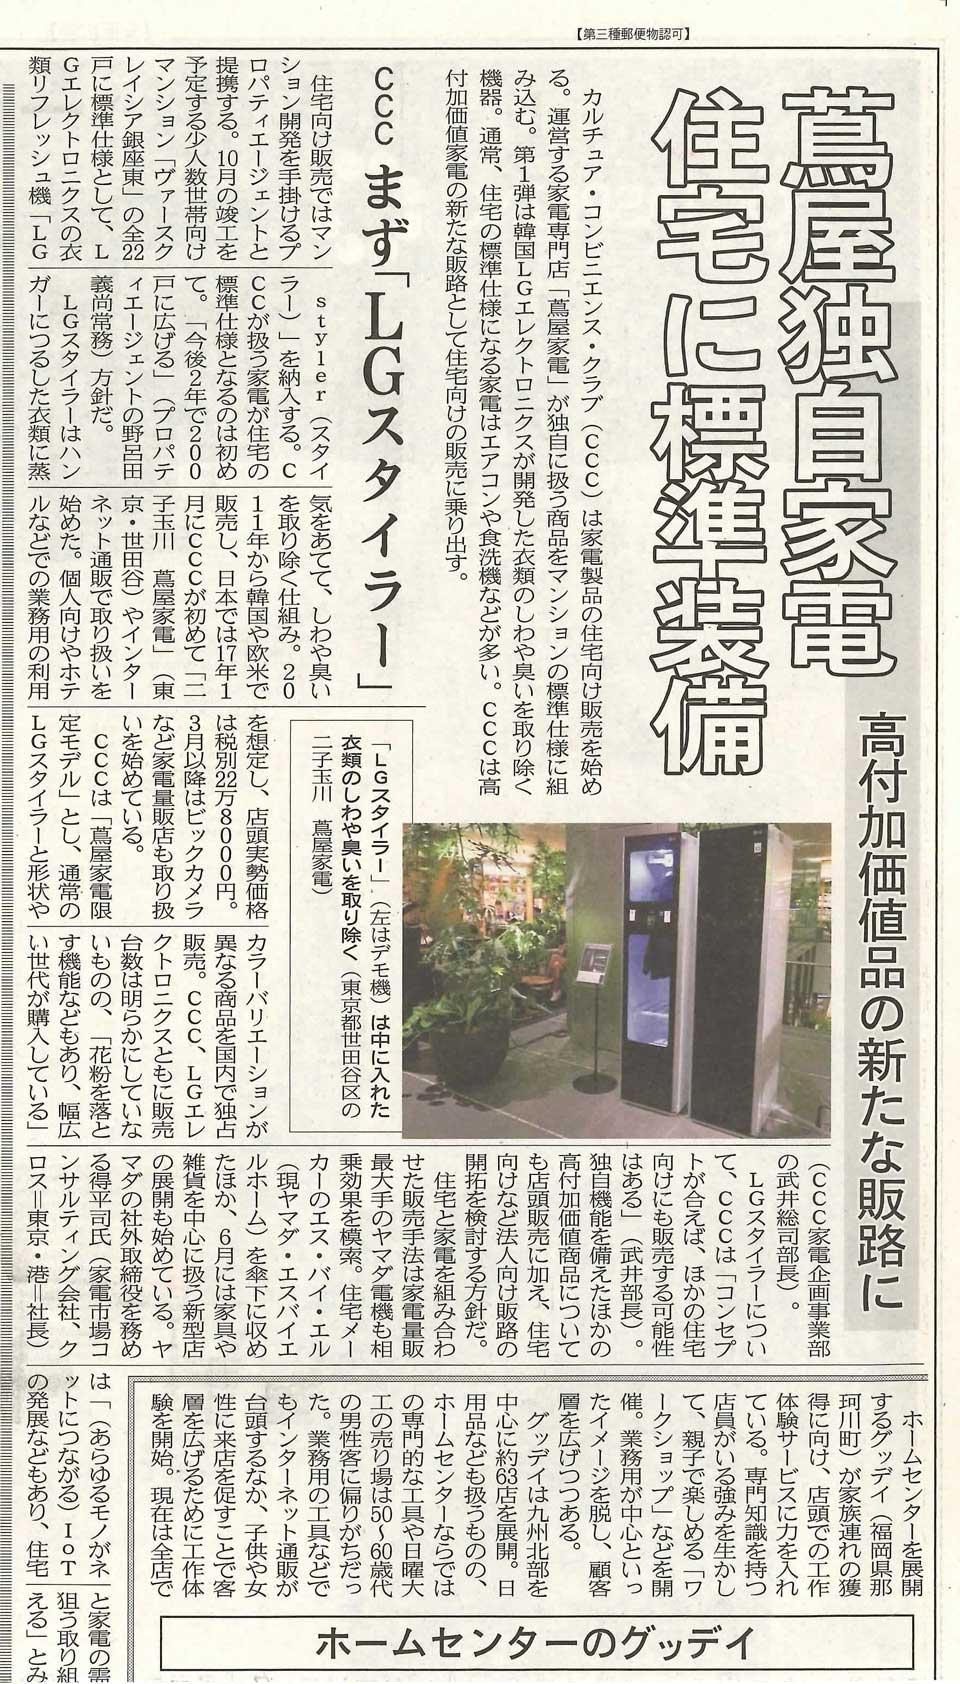 日経MJ 蔦屋家電 住宅に標準装備 得平司